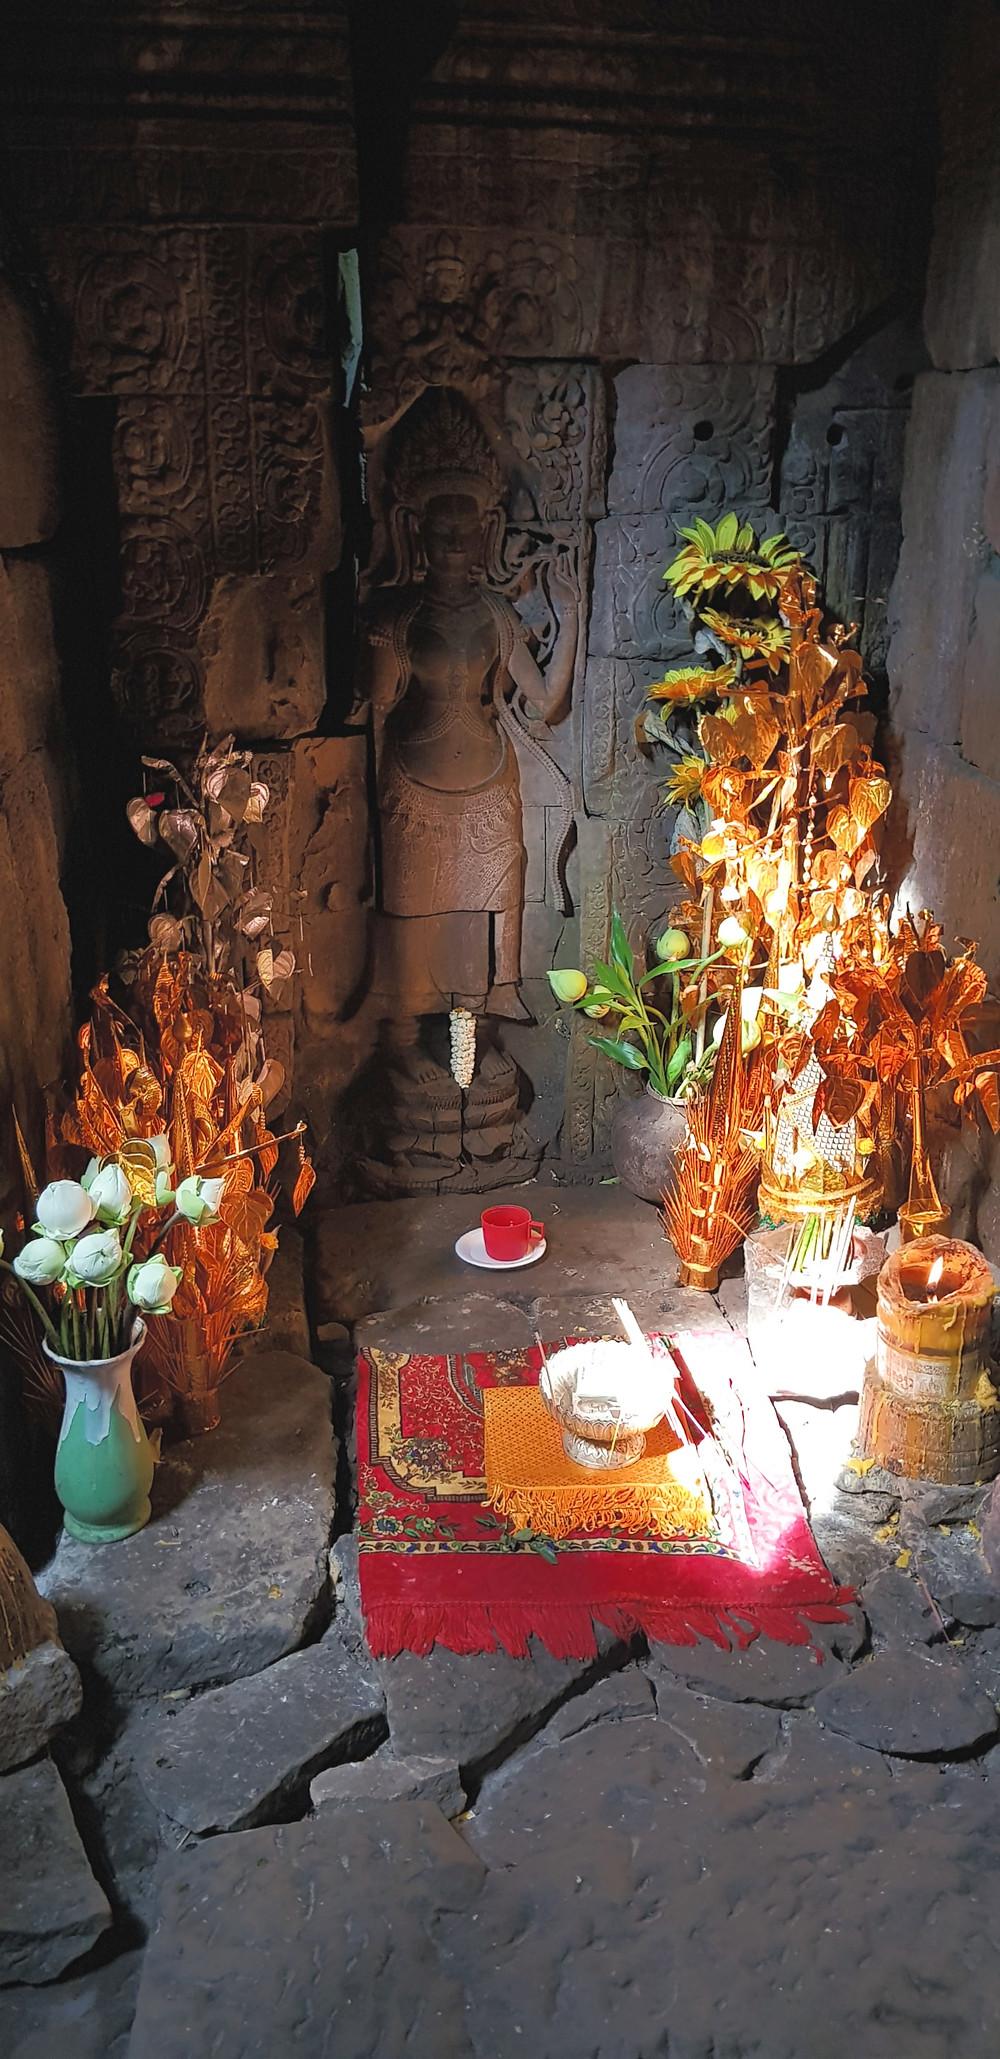 Angkor Wat, Kambodża, mała kapliczka z kwiatami lotosu, ozdobami, płaskorzeźbą appsary, dywanikiem na kamiennej podłodze, złotymi modelami roślin